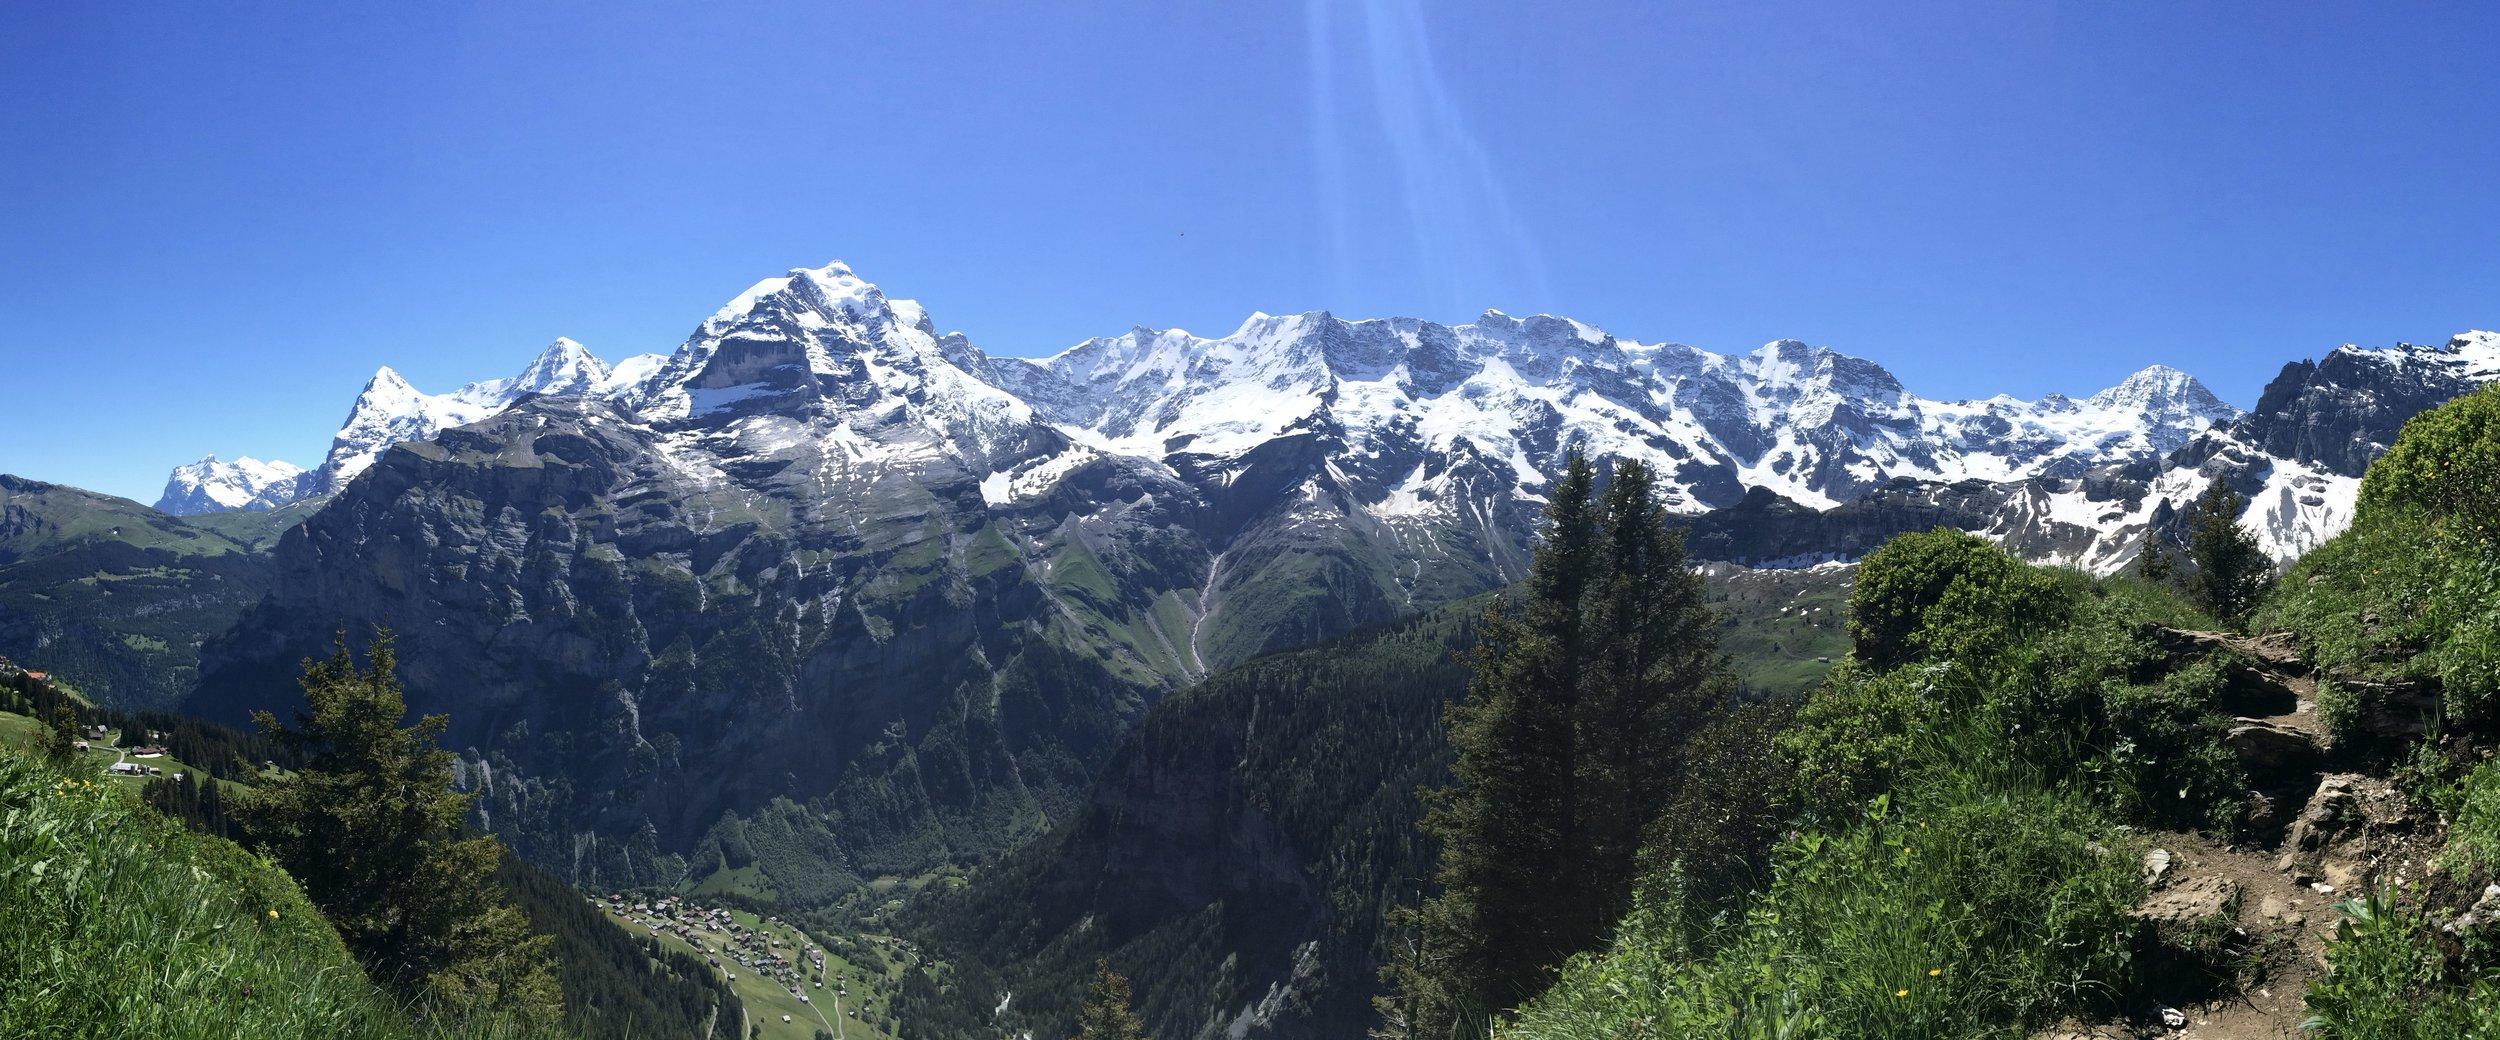 Swis Alps